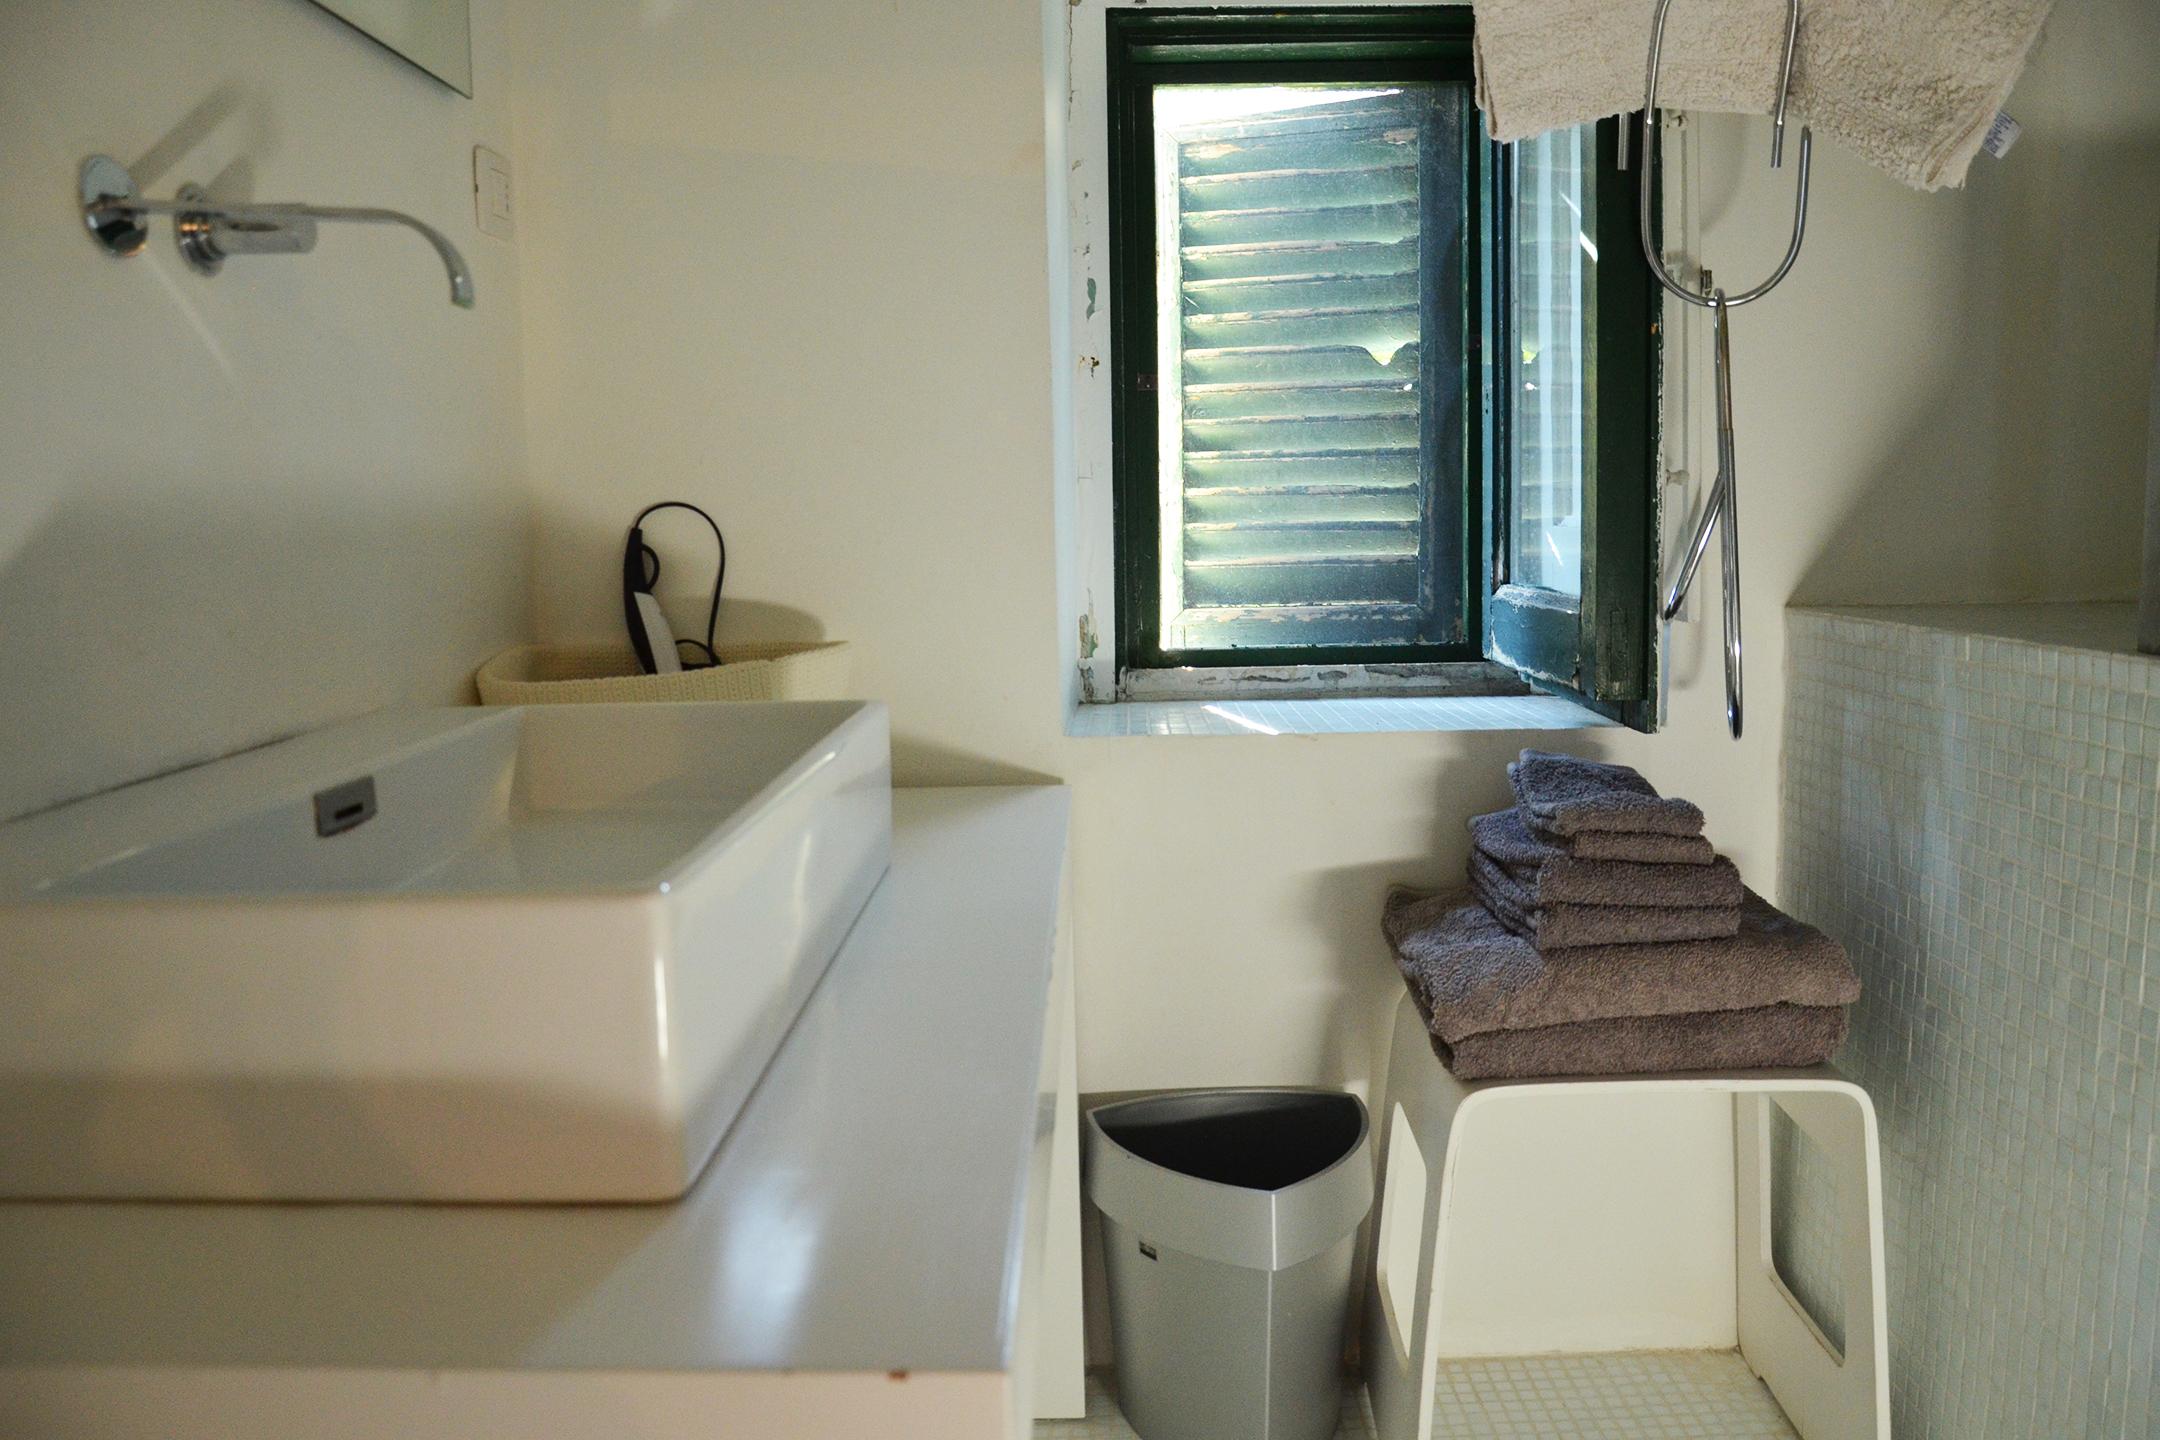 bed-and-breakfast-sicilia-alessia-canella-B&B-sicily-trip-viaggiare-camera-da-letto-sicily